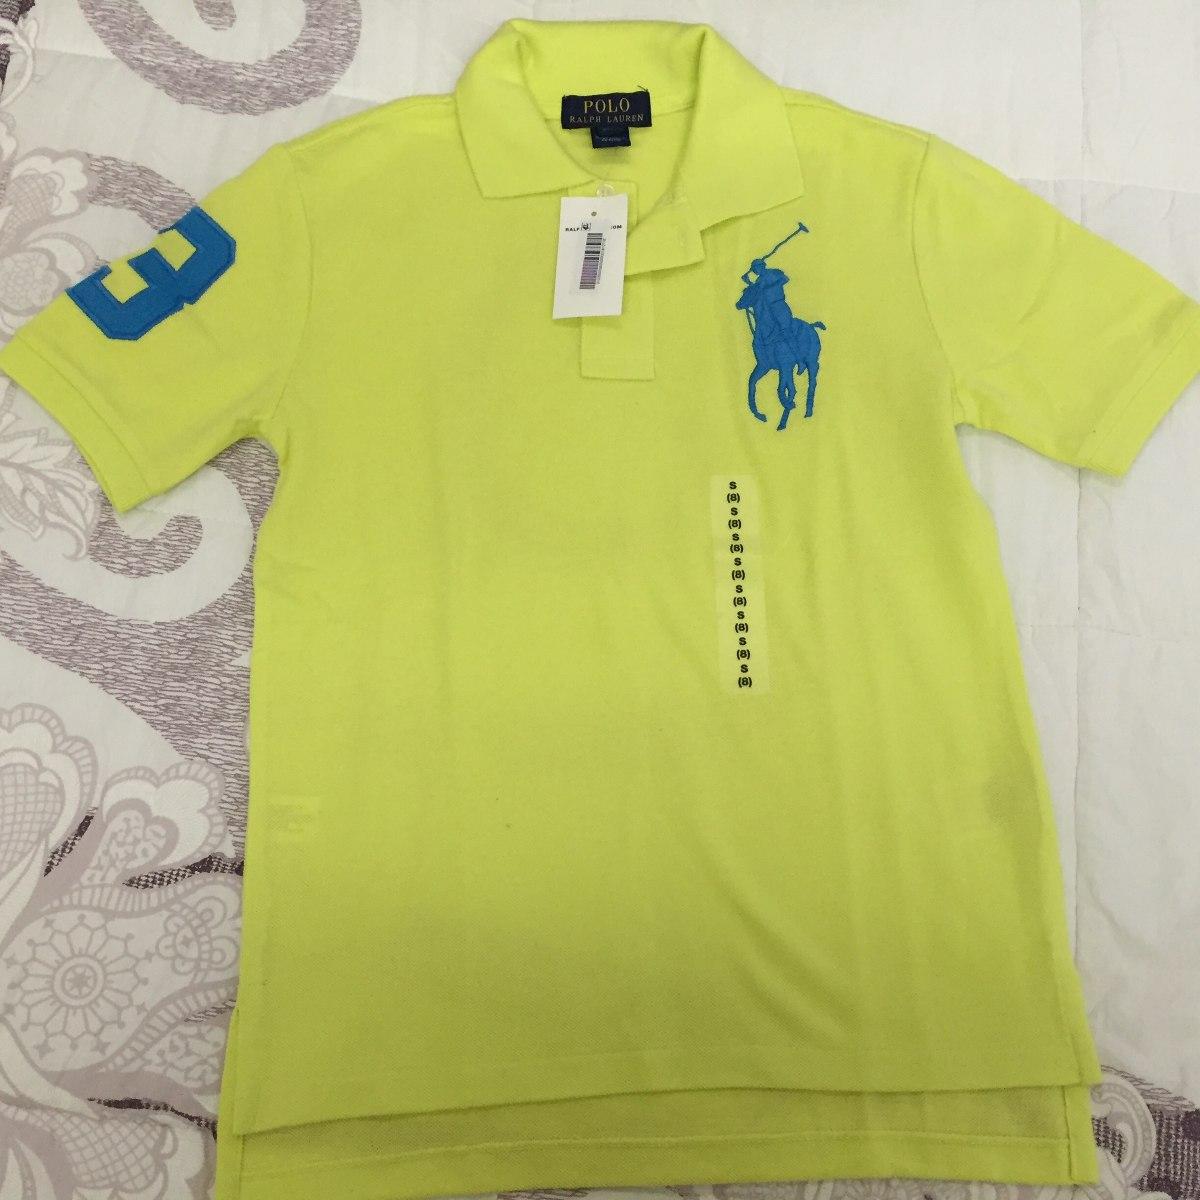 camisa polo original polo ralph lauren tam 8 anos - nova. Carregando zoom. 1863afacd06